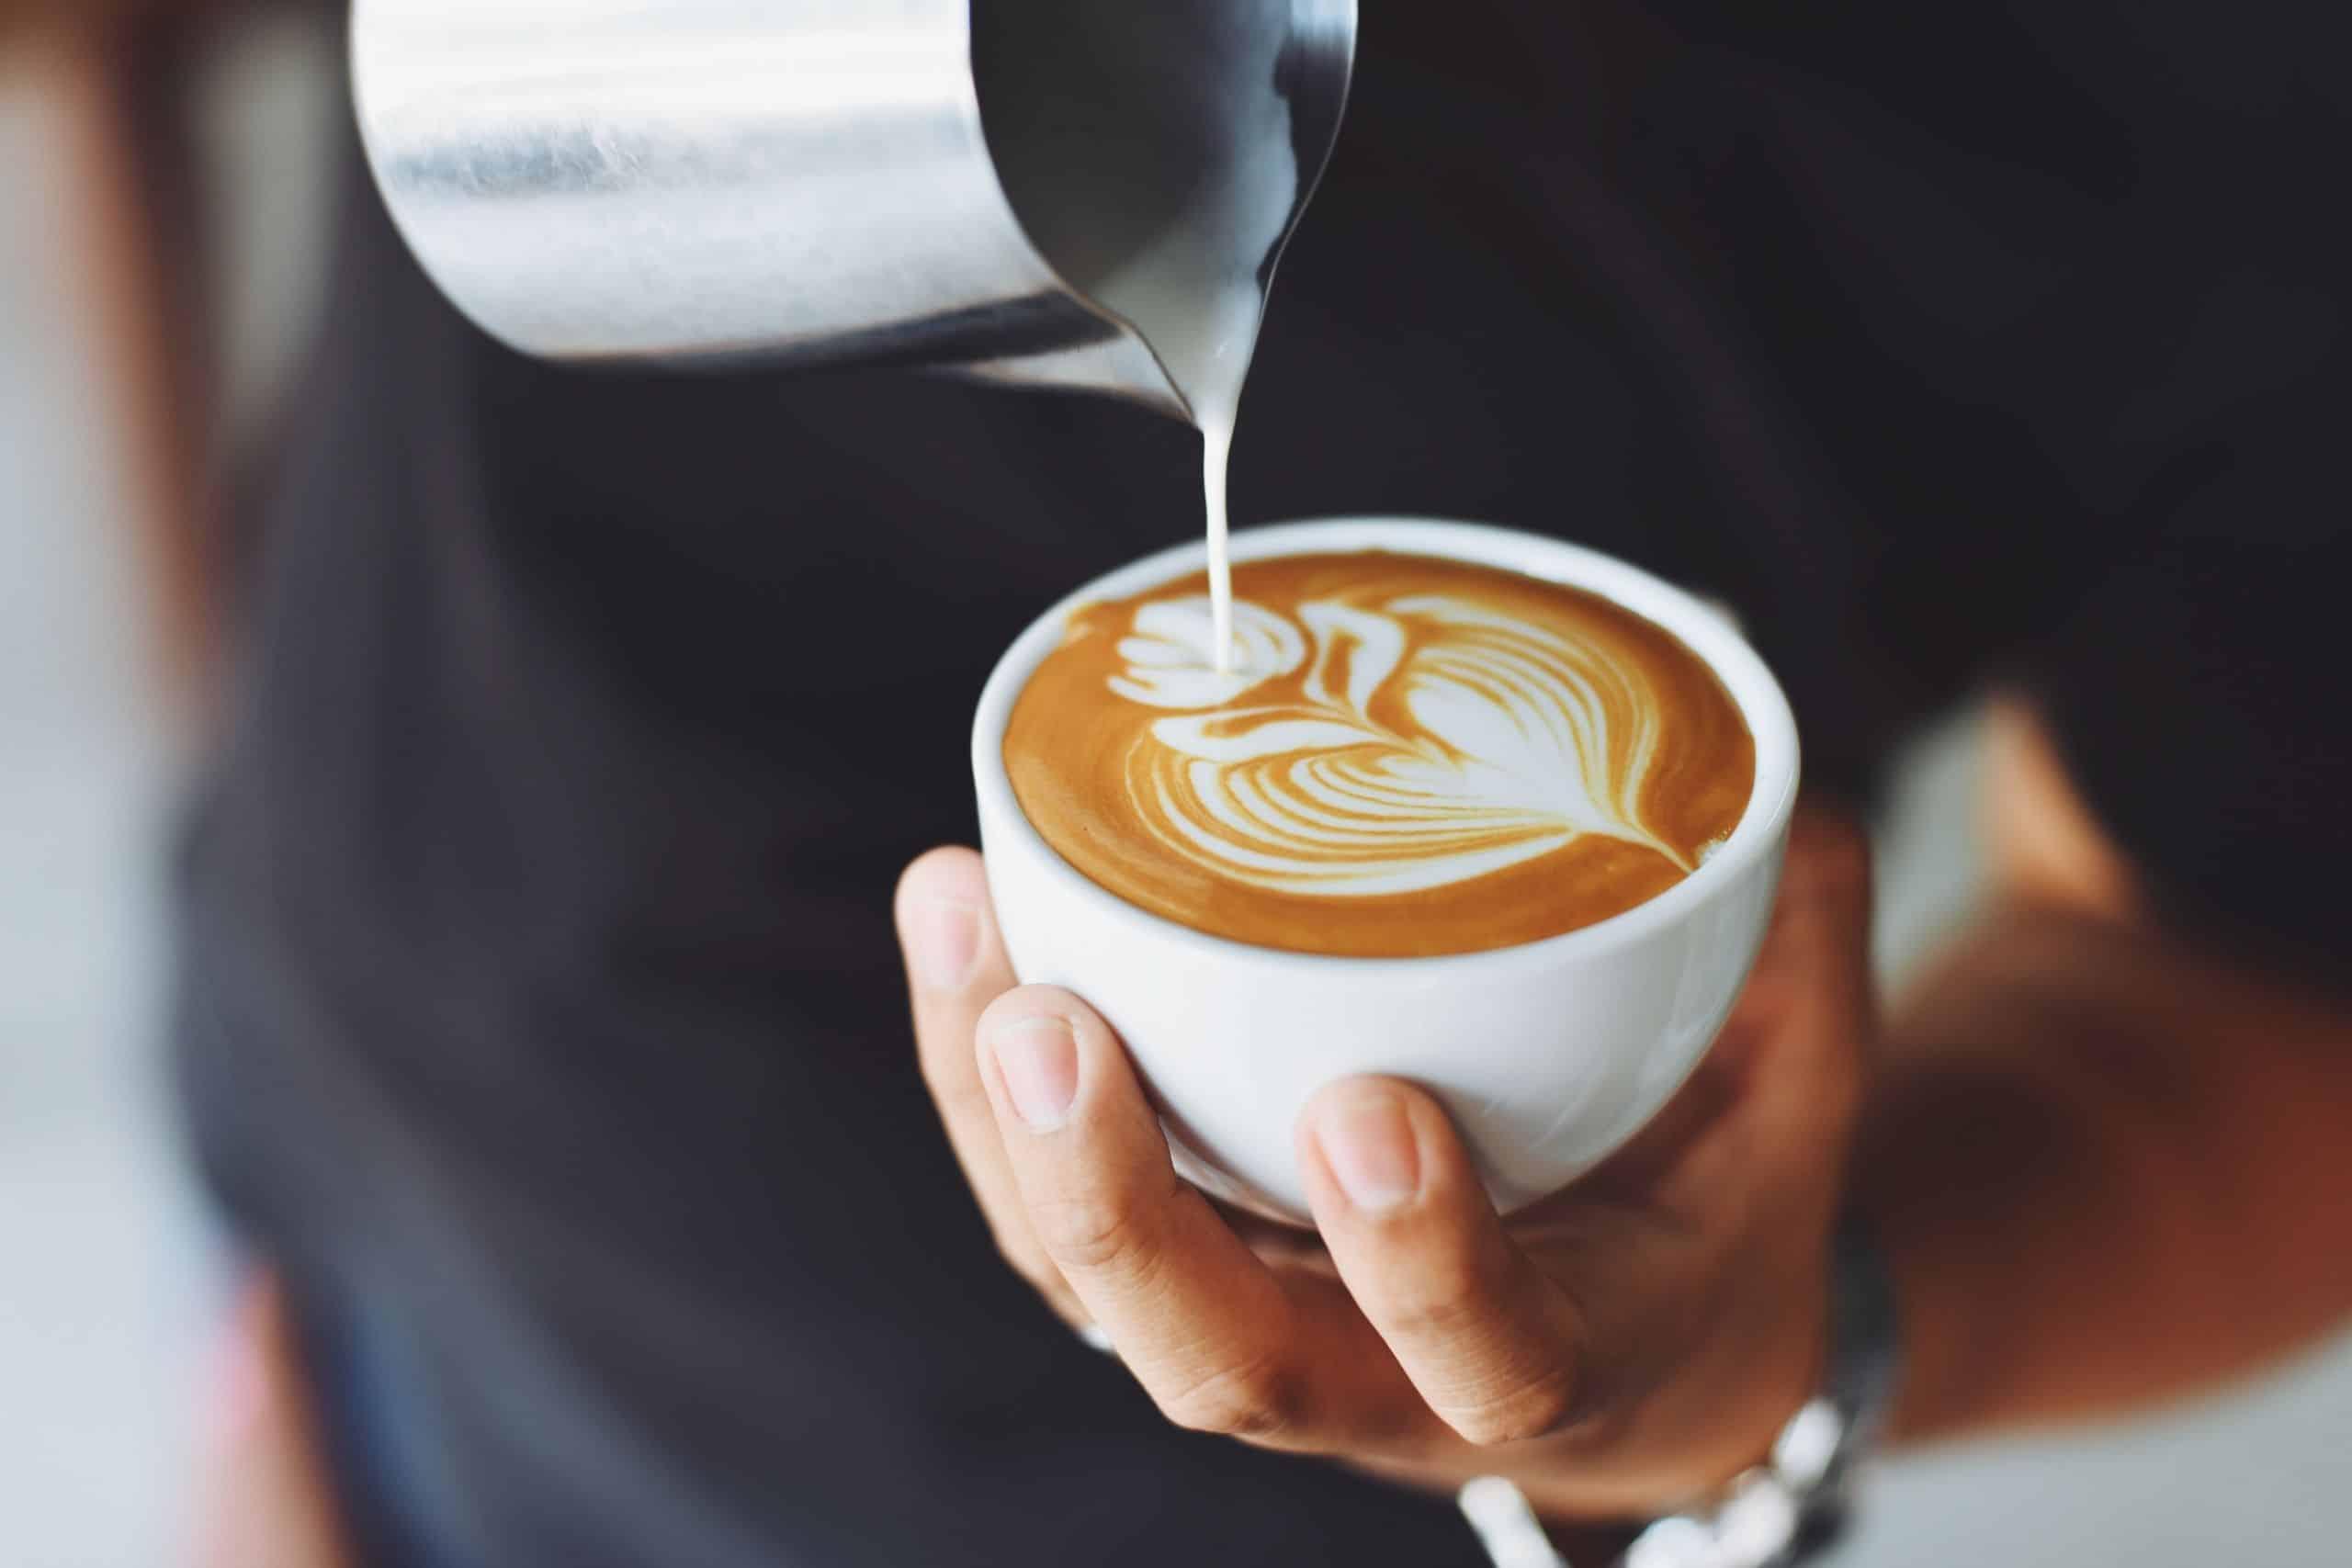 Nelson's top coffee spots